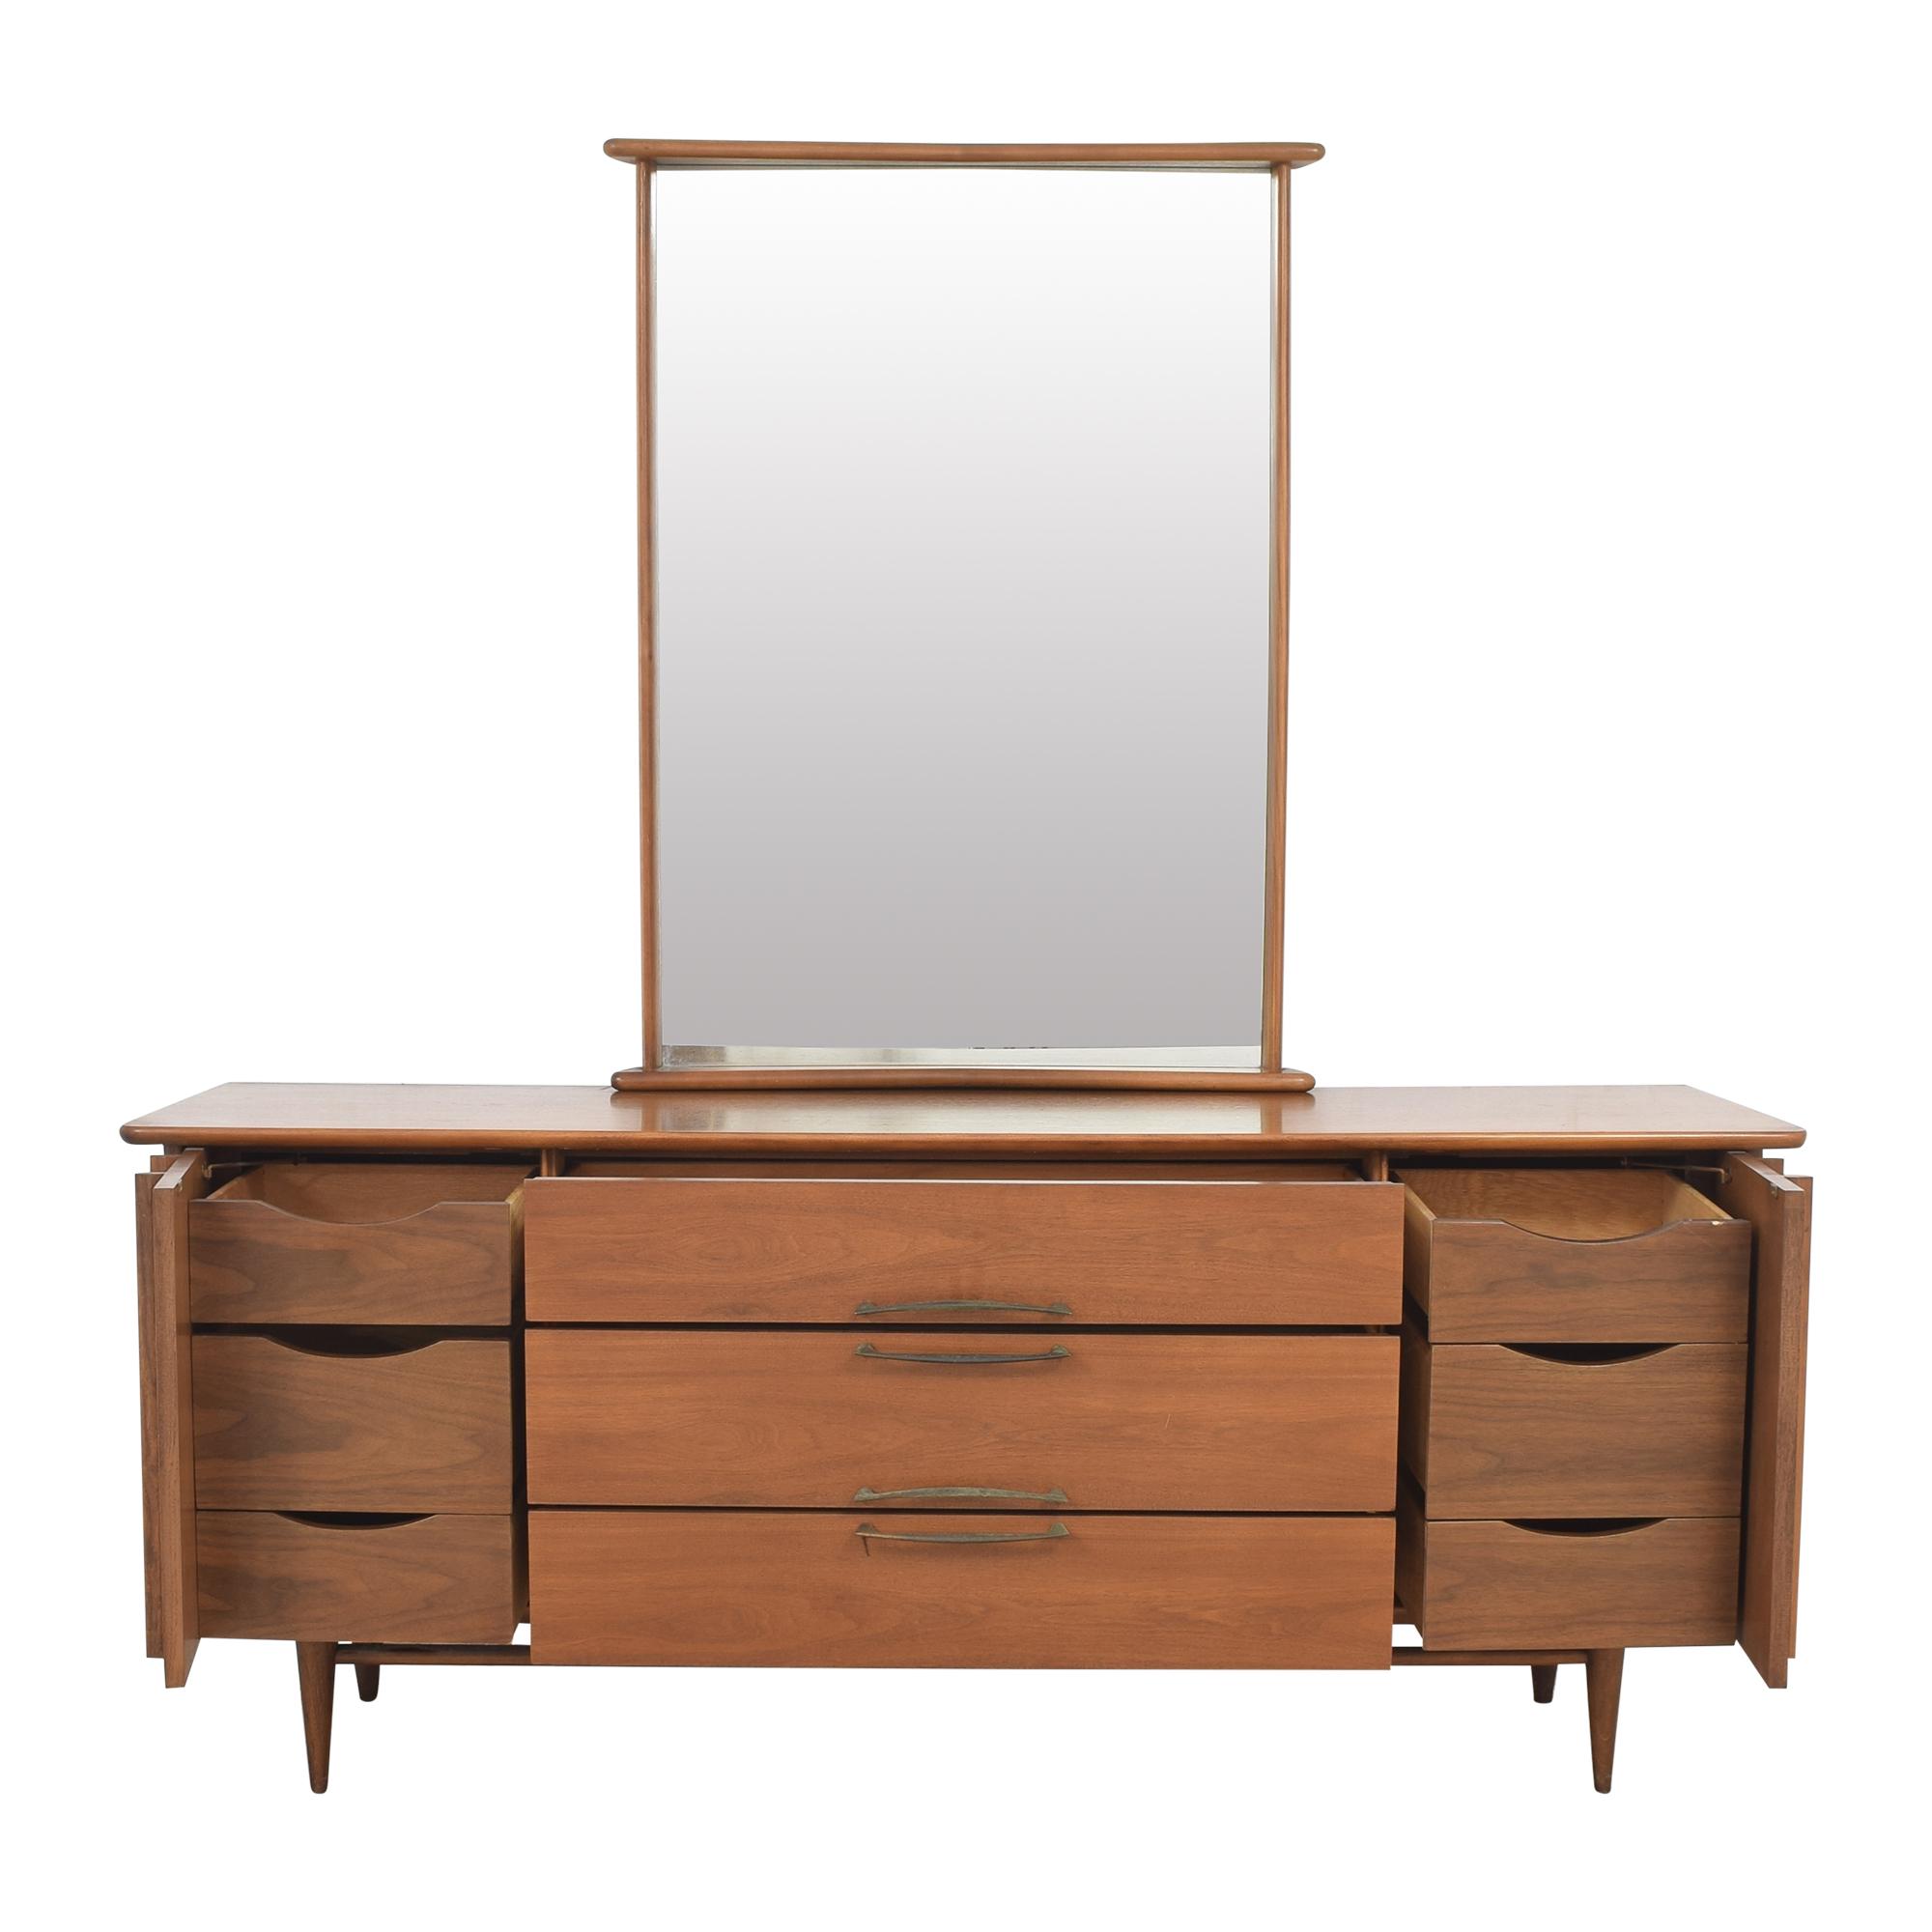 Kent Coffey The Eloquence Dresser with Mirror / Storage